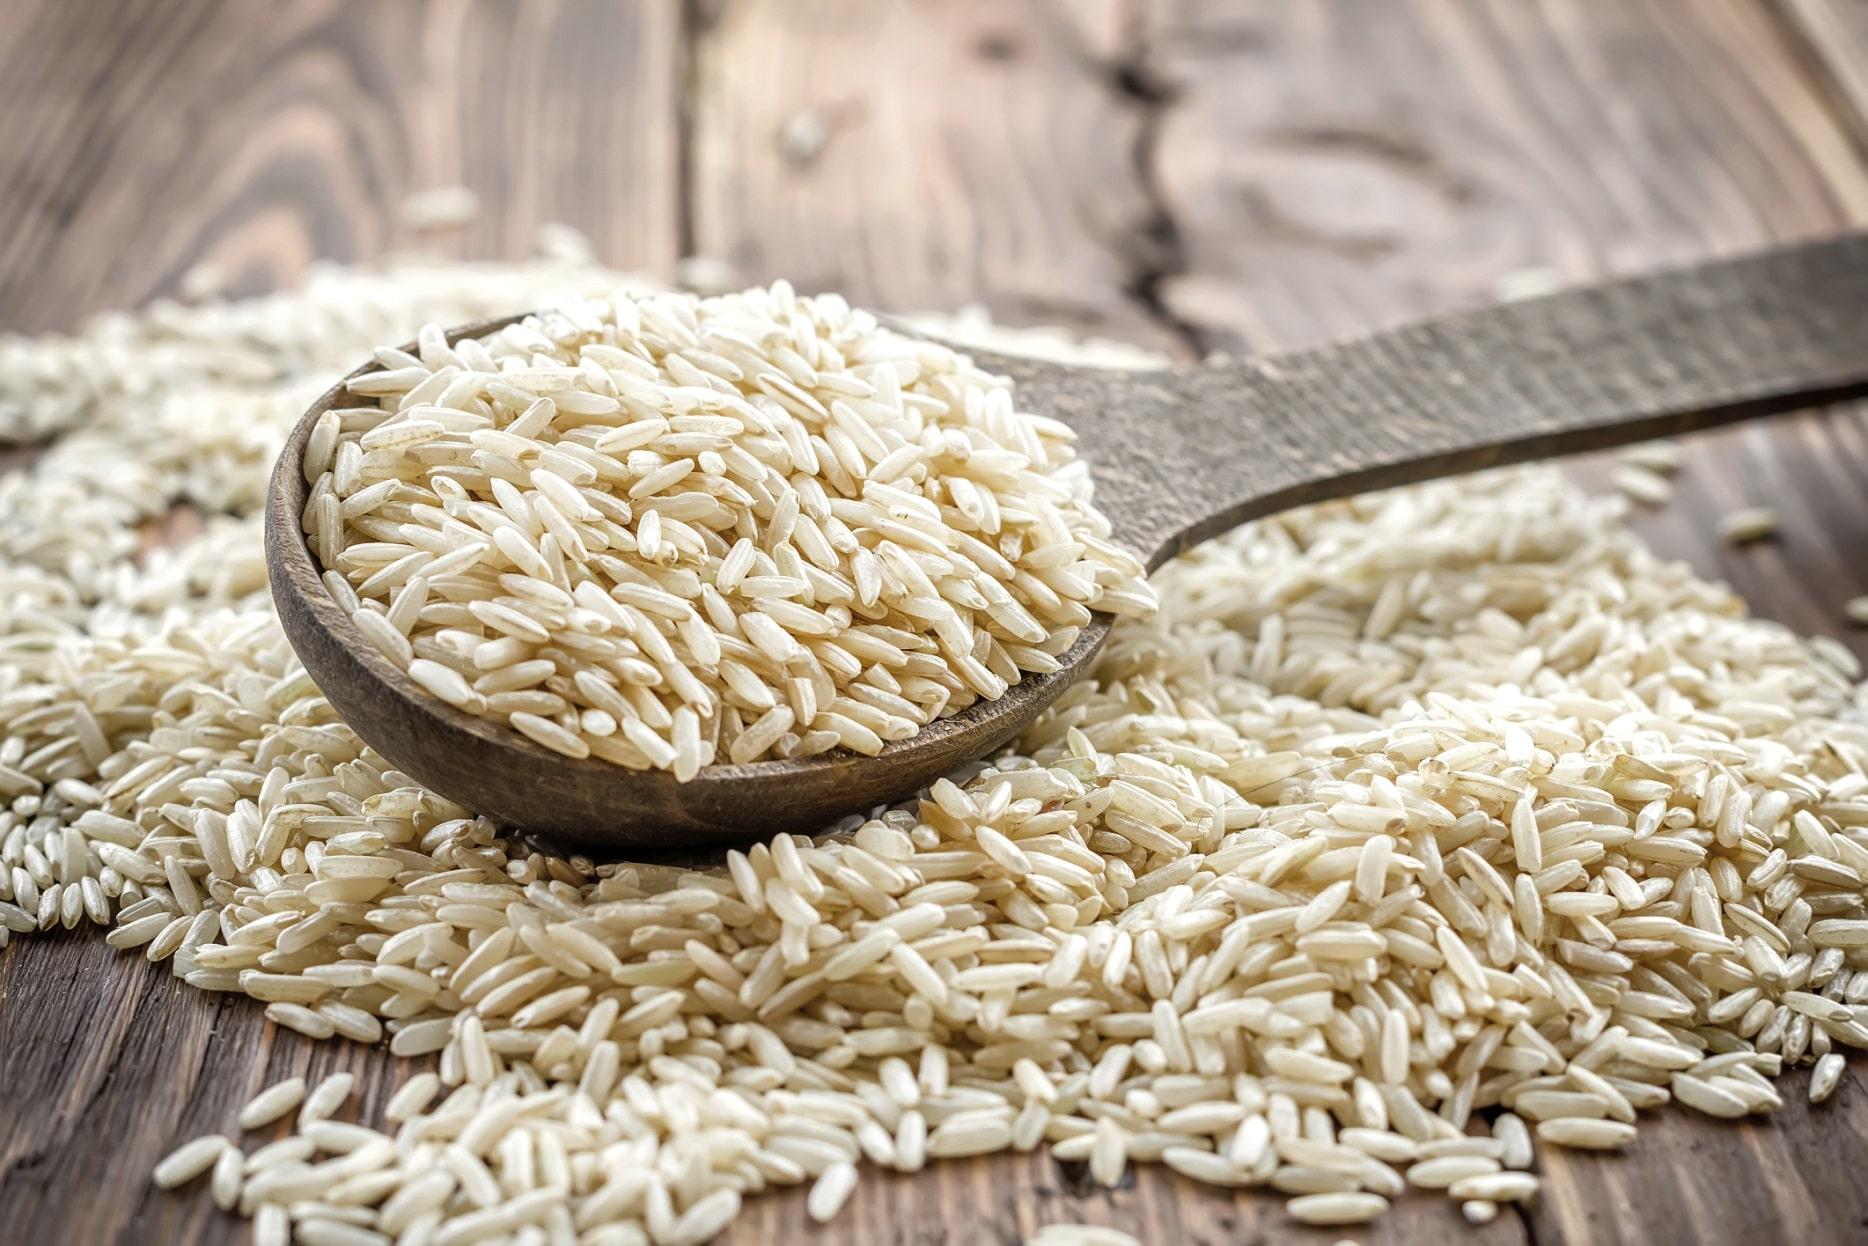 About Beauty alimenti che favoriscono il sonno - ricette naturali contro l'insonnia - Riso